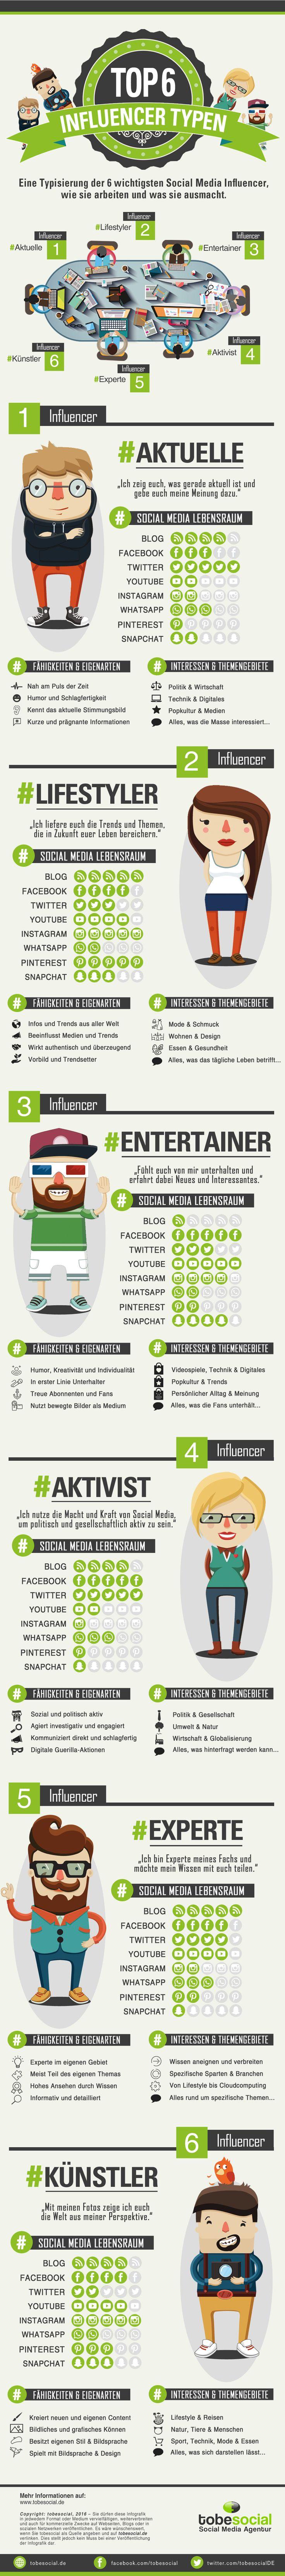 """Viele Unternehmen, Marketing Mitarbeiter/innen oder Community Managern/innen stehen immer wieder vor derselben Frage: """"Wer sind die passenden Meinungsführer für Influencer Marketing in der eigenen Branche und wie kann man diese erreichen und dadurch eine höhere Reichweite erzielen?"""". Influencer unterhalten, informieren und prägen das aktuelle Meinungsbild auf verschiedensten sozialen Netzwerken. Dabei unterscheiden sich Influencer nicht nur in ihrer Persönlichkeit, …"""